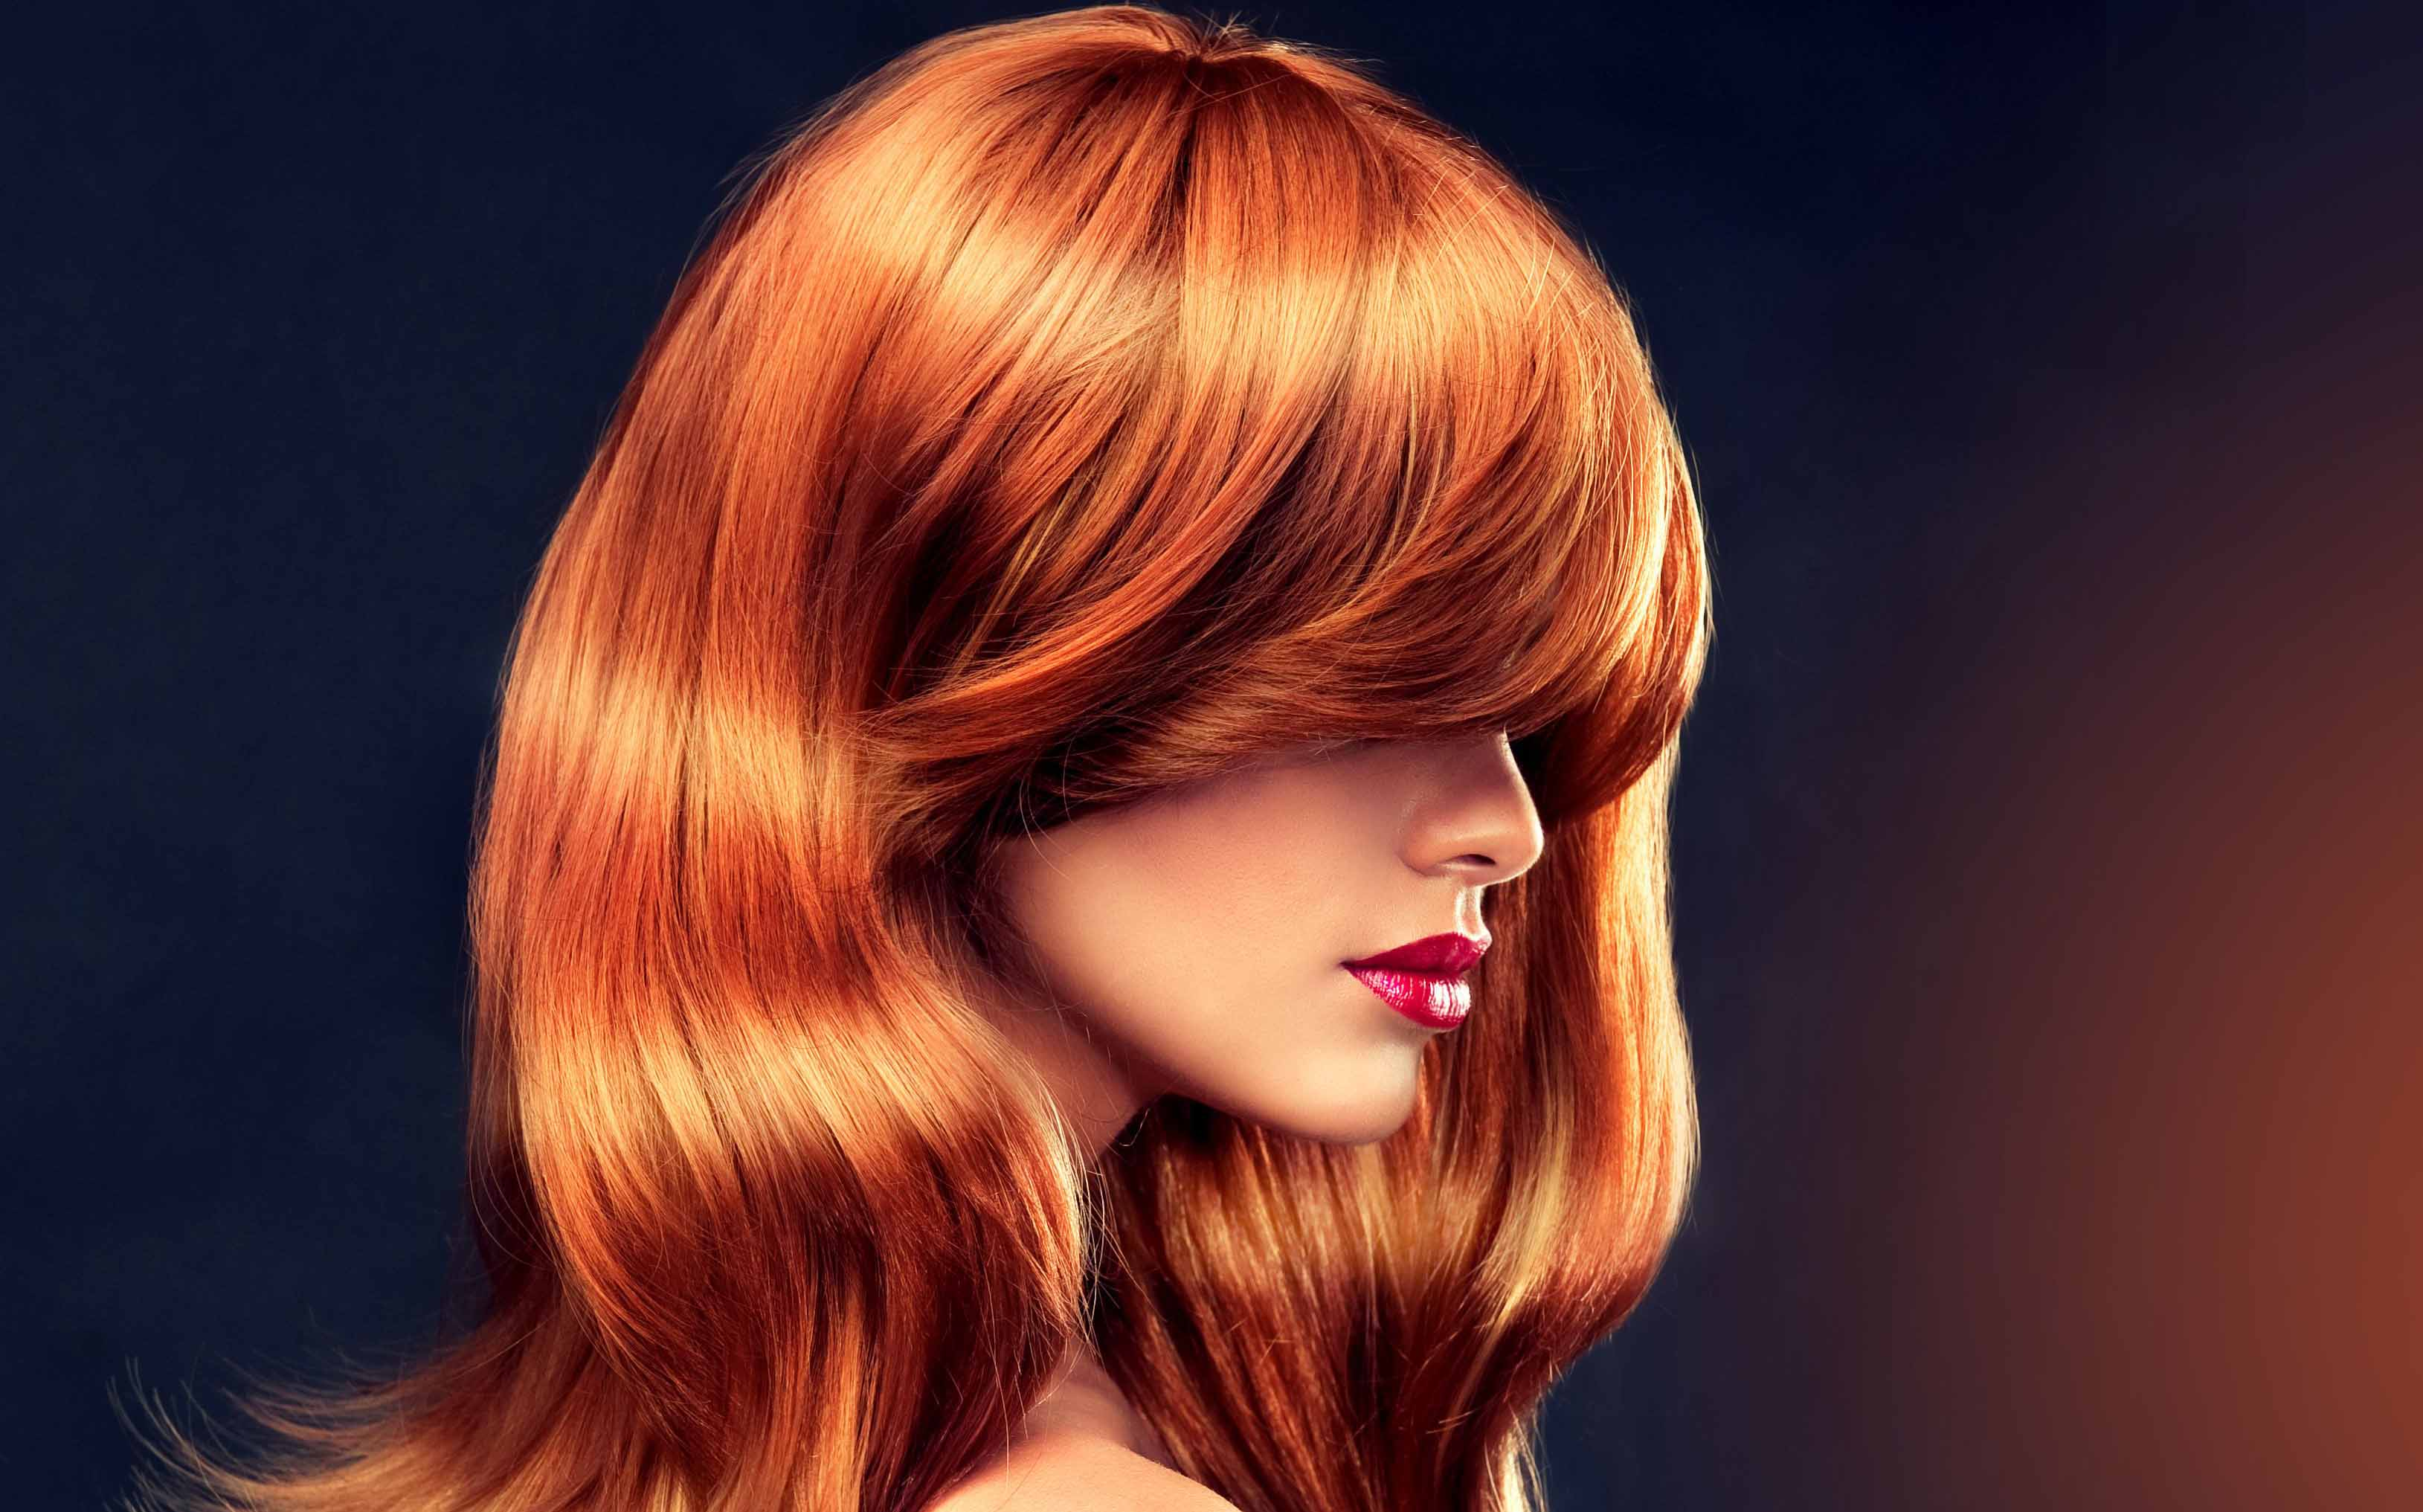 capelli-rossi-zephir-parrucchieri-ascona-muralto